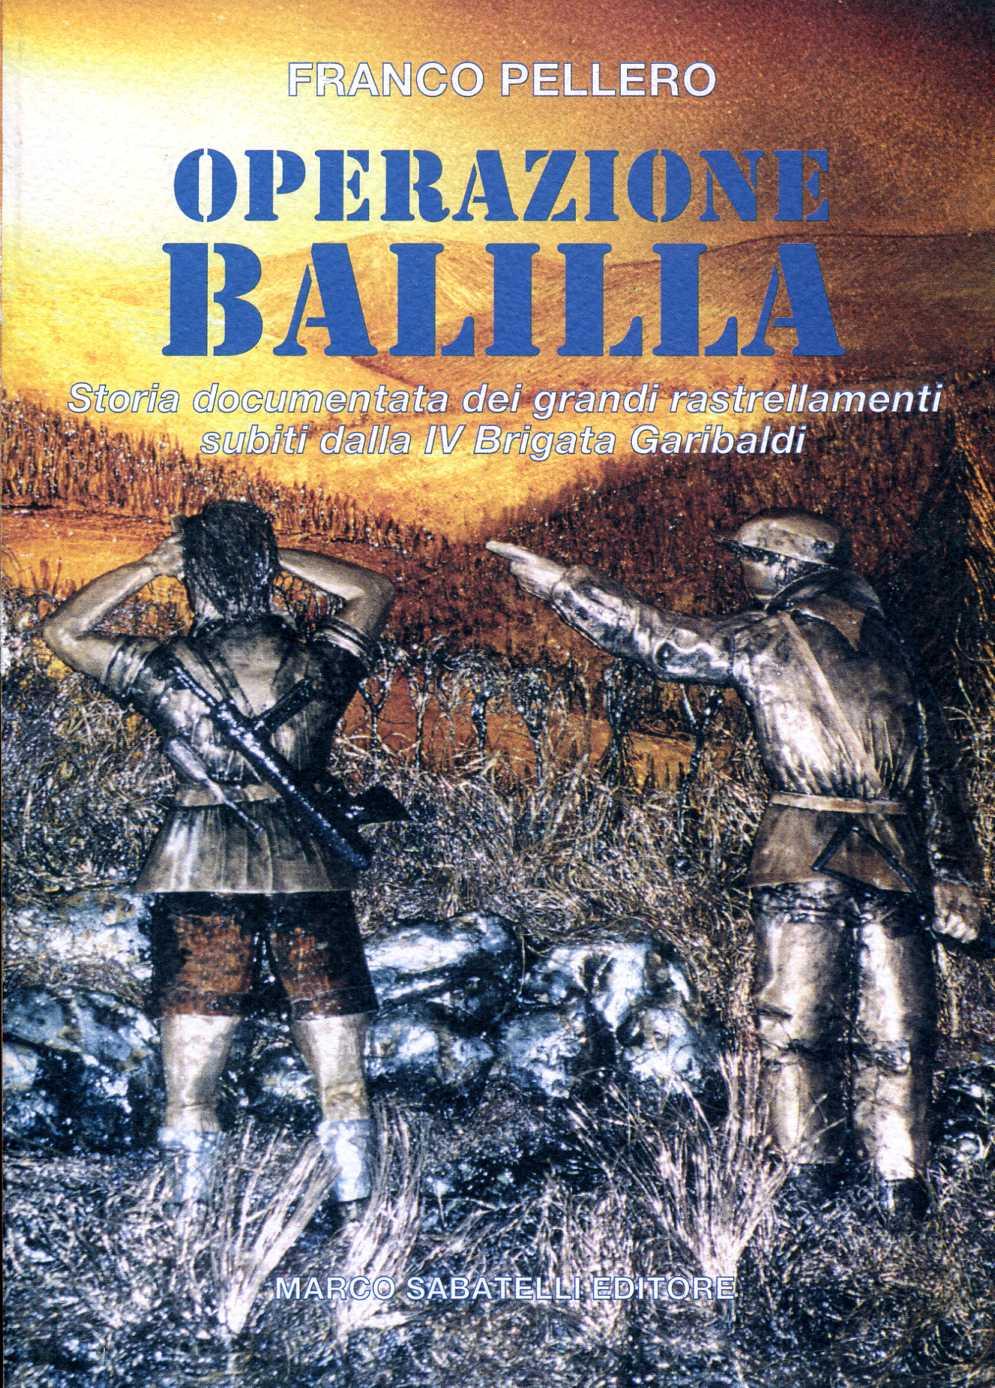 Operazione Balilla - Storia documentata dei grandi rastrellamenti subiti dalla IV Brigata Garibaldi